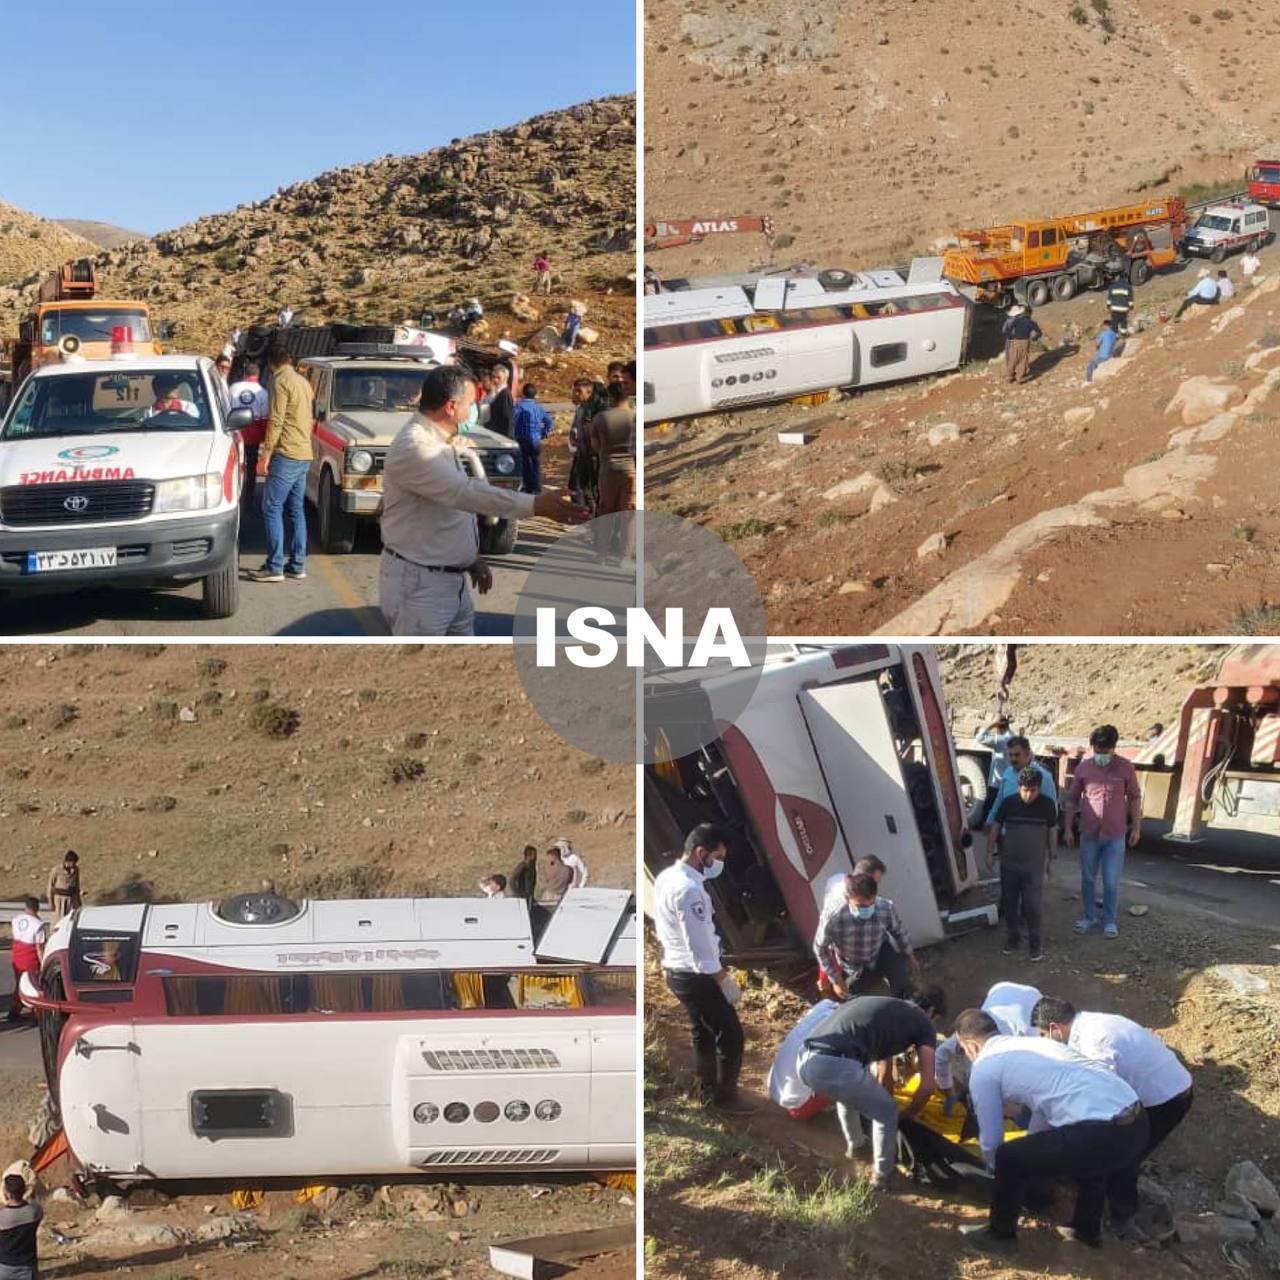 اولین تصاویر از واژگونی اتوبوس حامل خبرنگاران در آذربایجان غربی